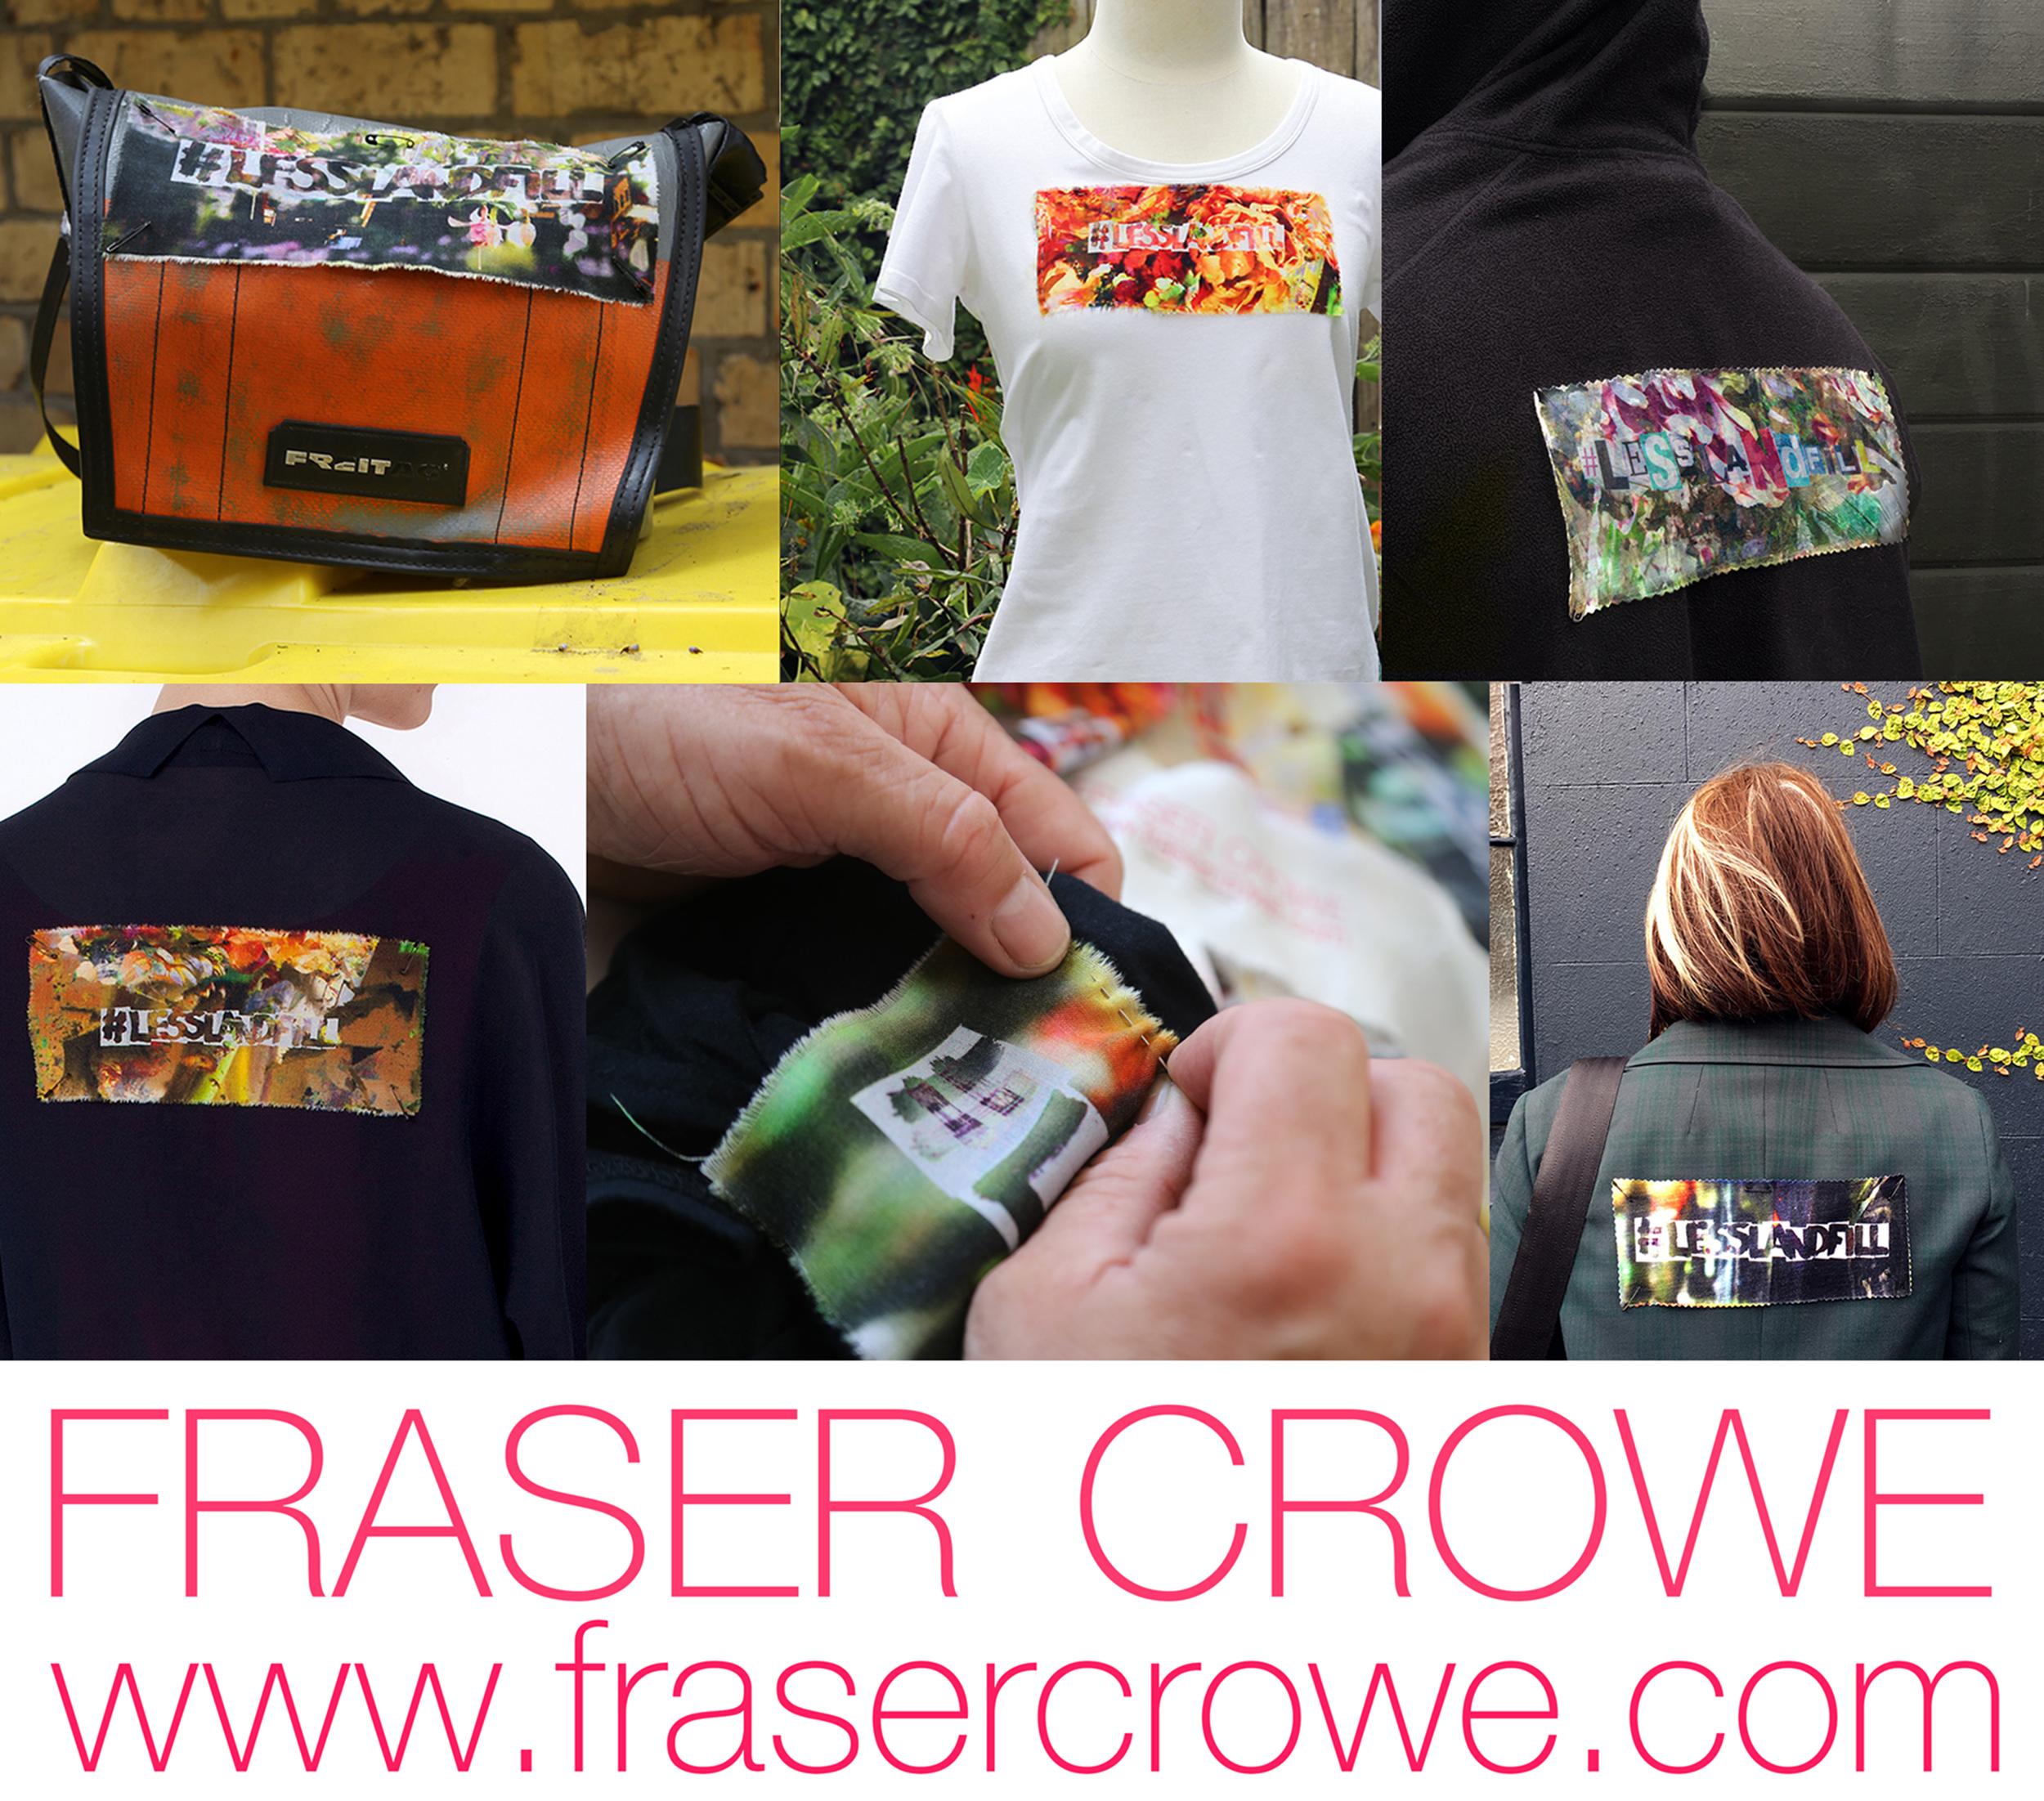 6_web_Fraser-Crowe_ST_K_Pop_UP_#lesslandfill_patch_.jpg